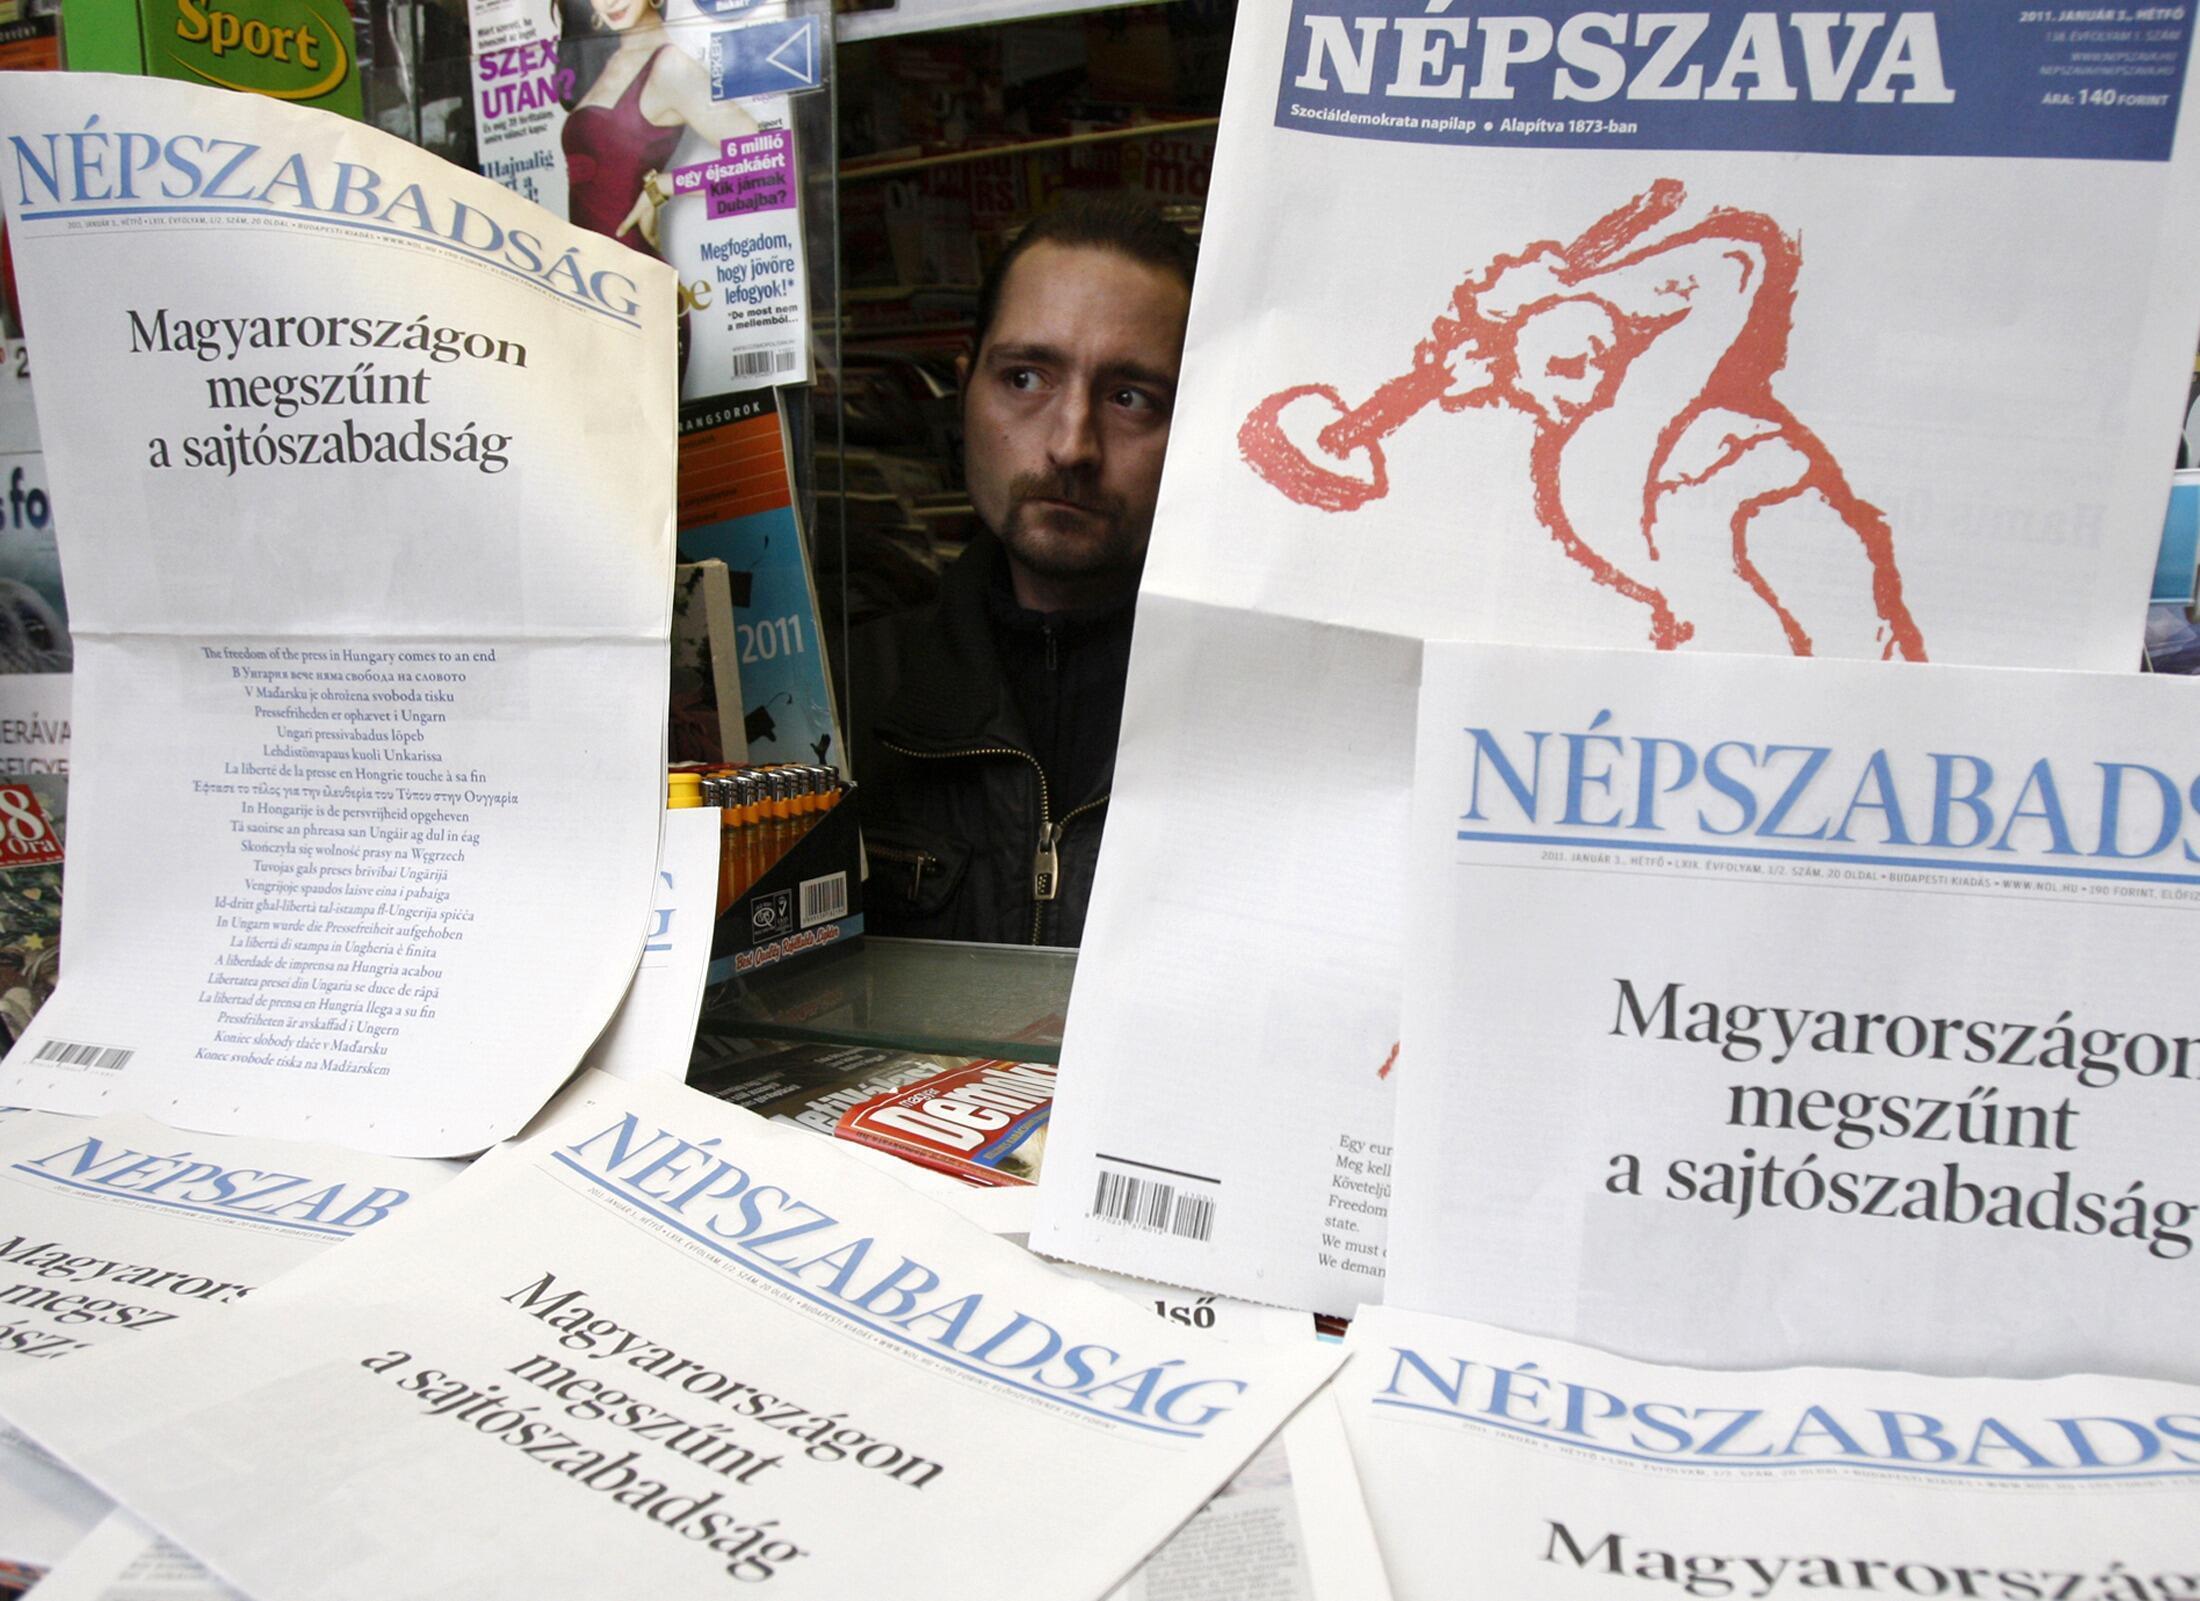 Ảnh minh họa : Báo chí Hungary phản đối luật mới nghiêm ngặt đối với truyền thông và đòi tôn trọng quyền tự do ngôn luận (ngày  03/01/ 2011).